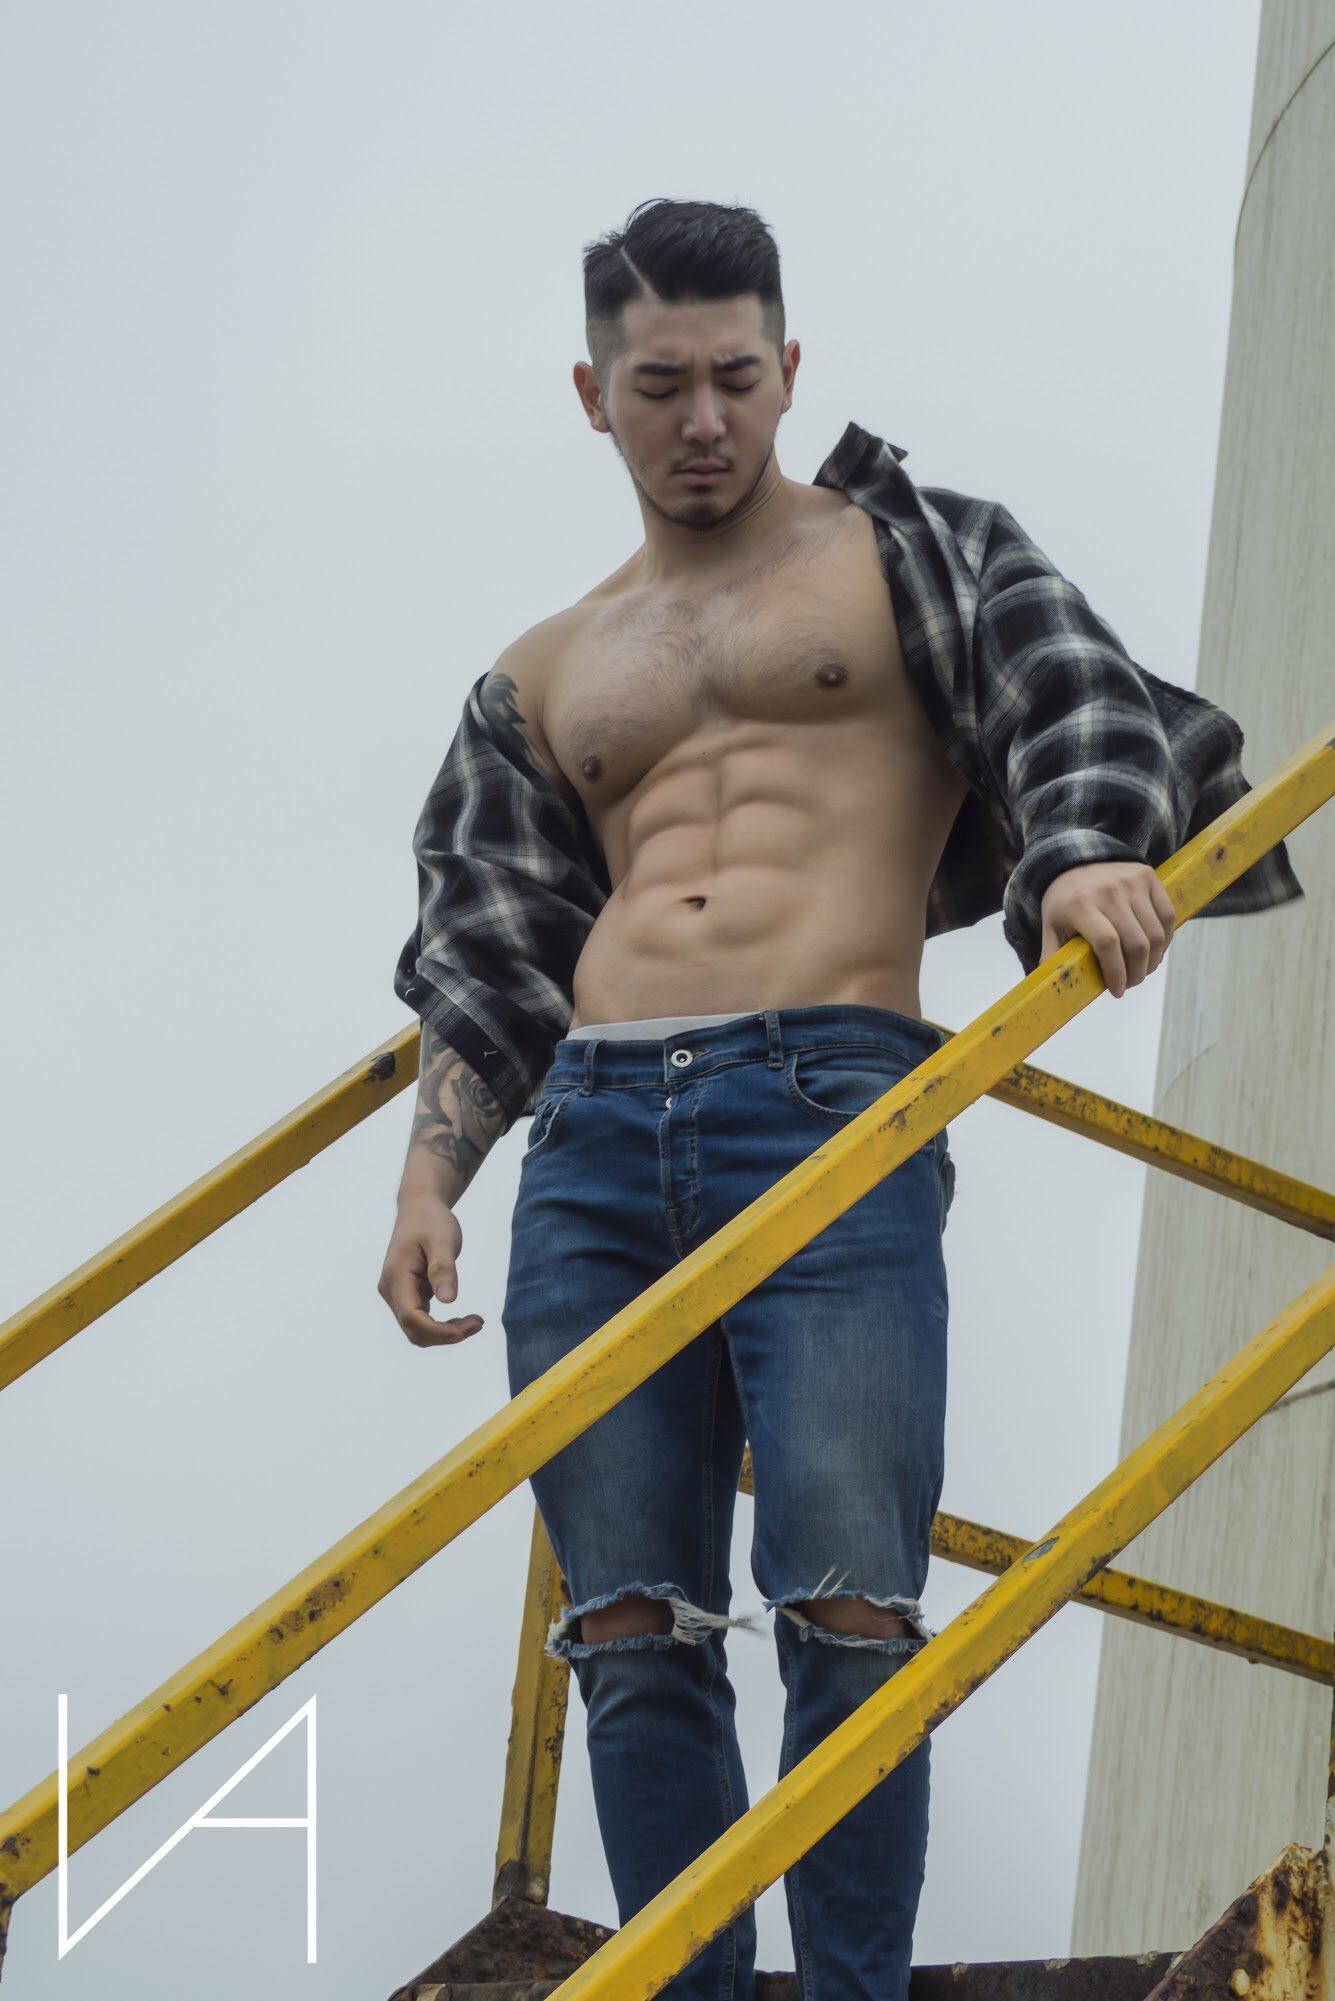 1587699222 ETmlkgrUcAAUNeK - 台湾私人健身教练 刘恭良 写真集